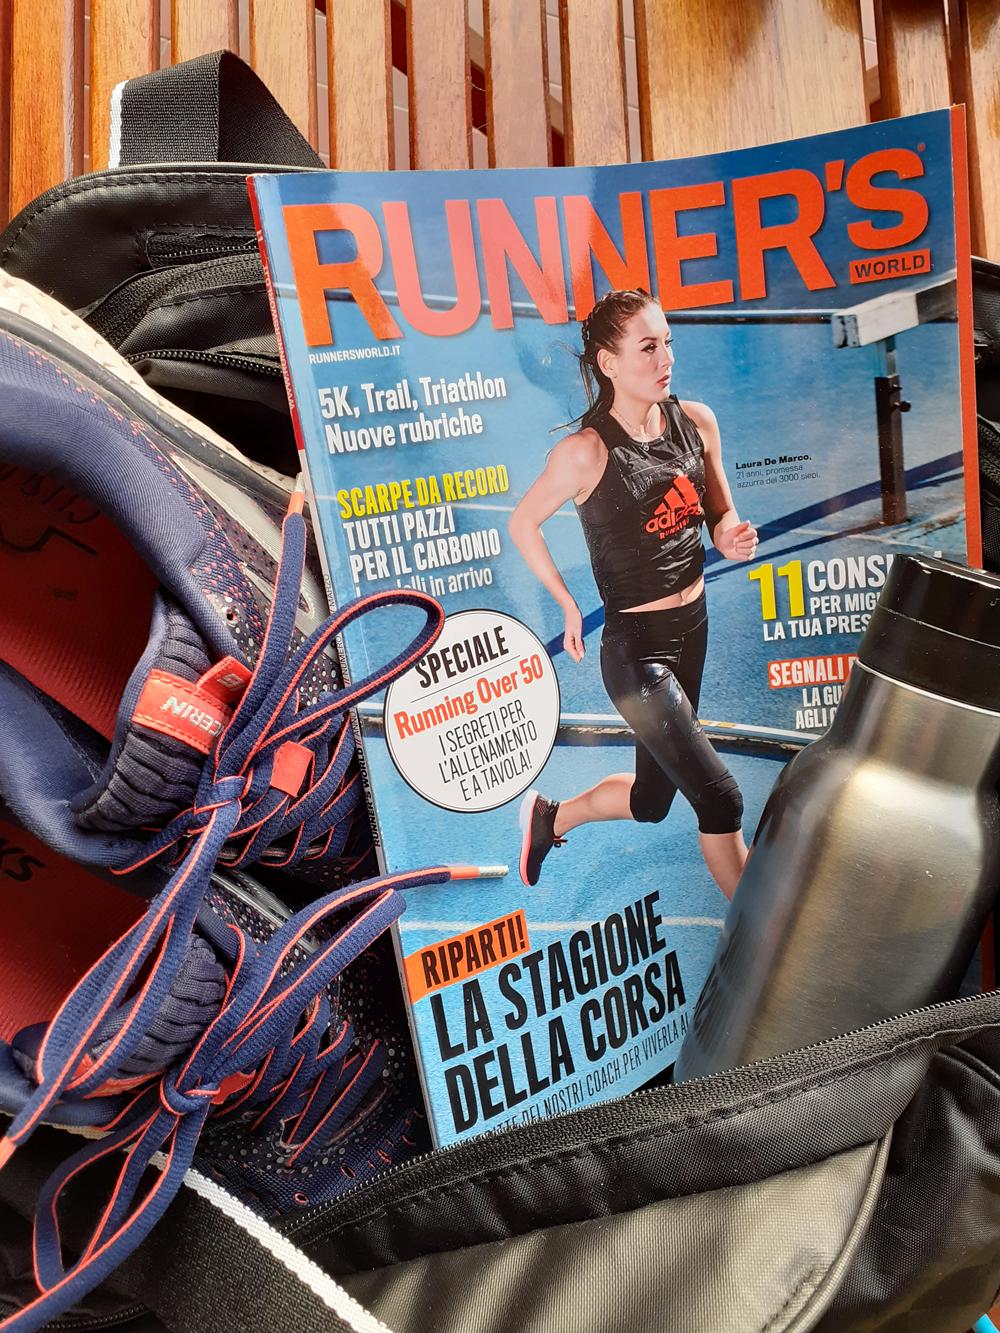 idee regalo economiche per runner: un abbonamento ad una rivista specializzata